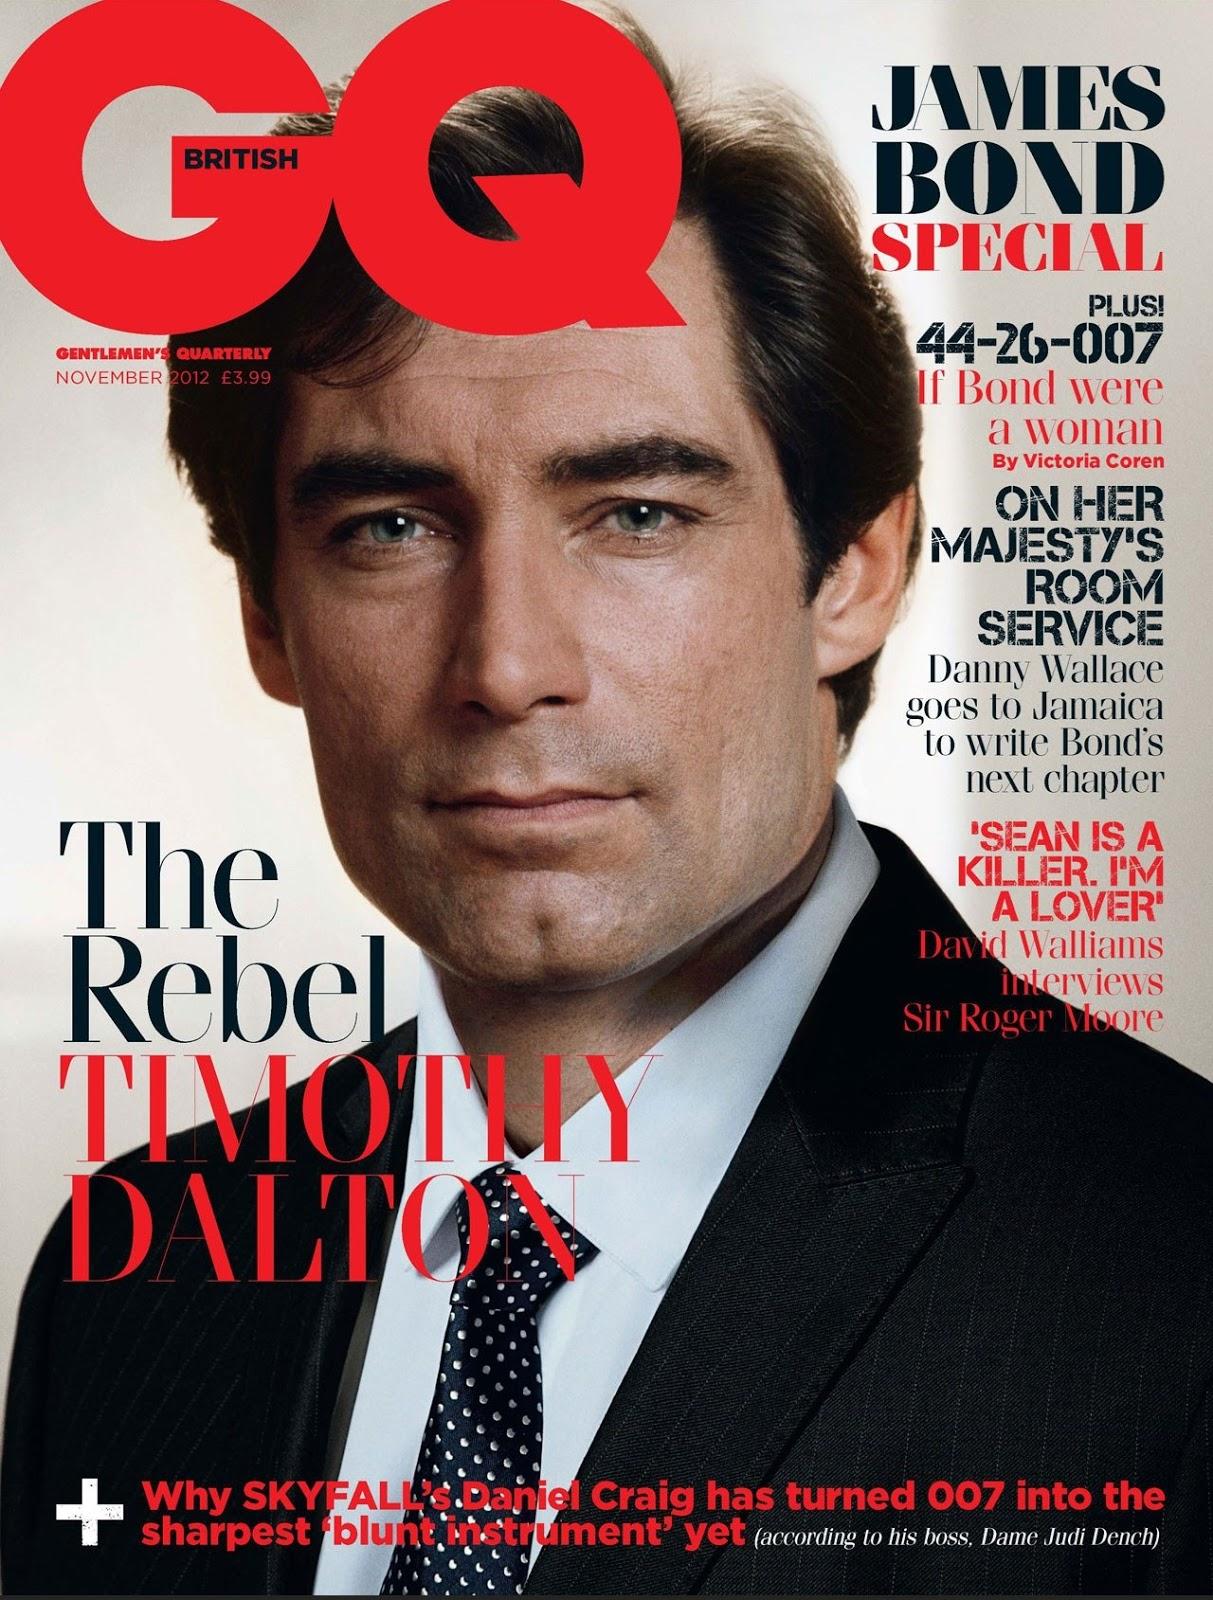 http://4.bp.blogspot.com/-Z77KQNuEo4E/UJXUDhk7yNI/AAAAAAAAy7A/08j6KMDIStM/s1600/British-GQ-November-2012-James-Bond-Cover-6.jpg